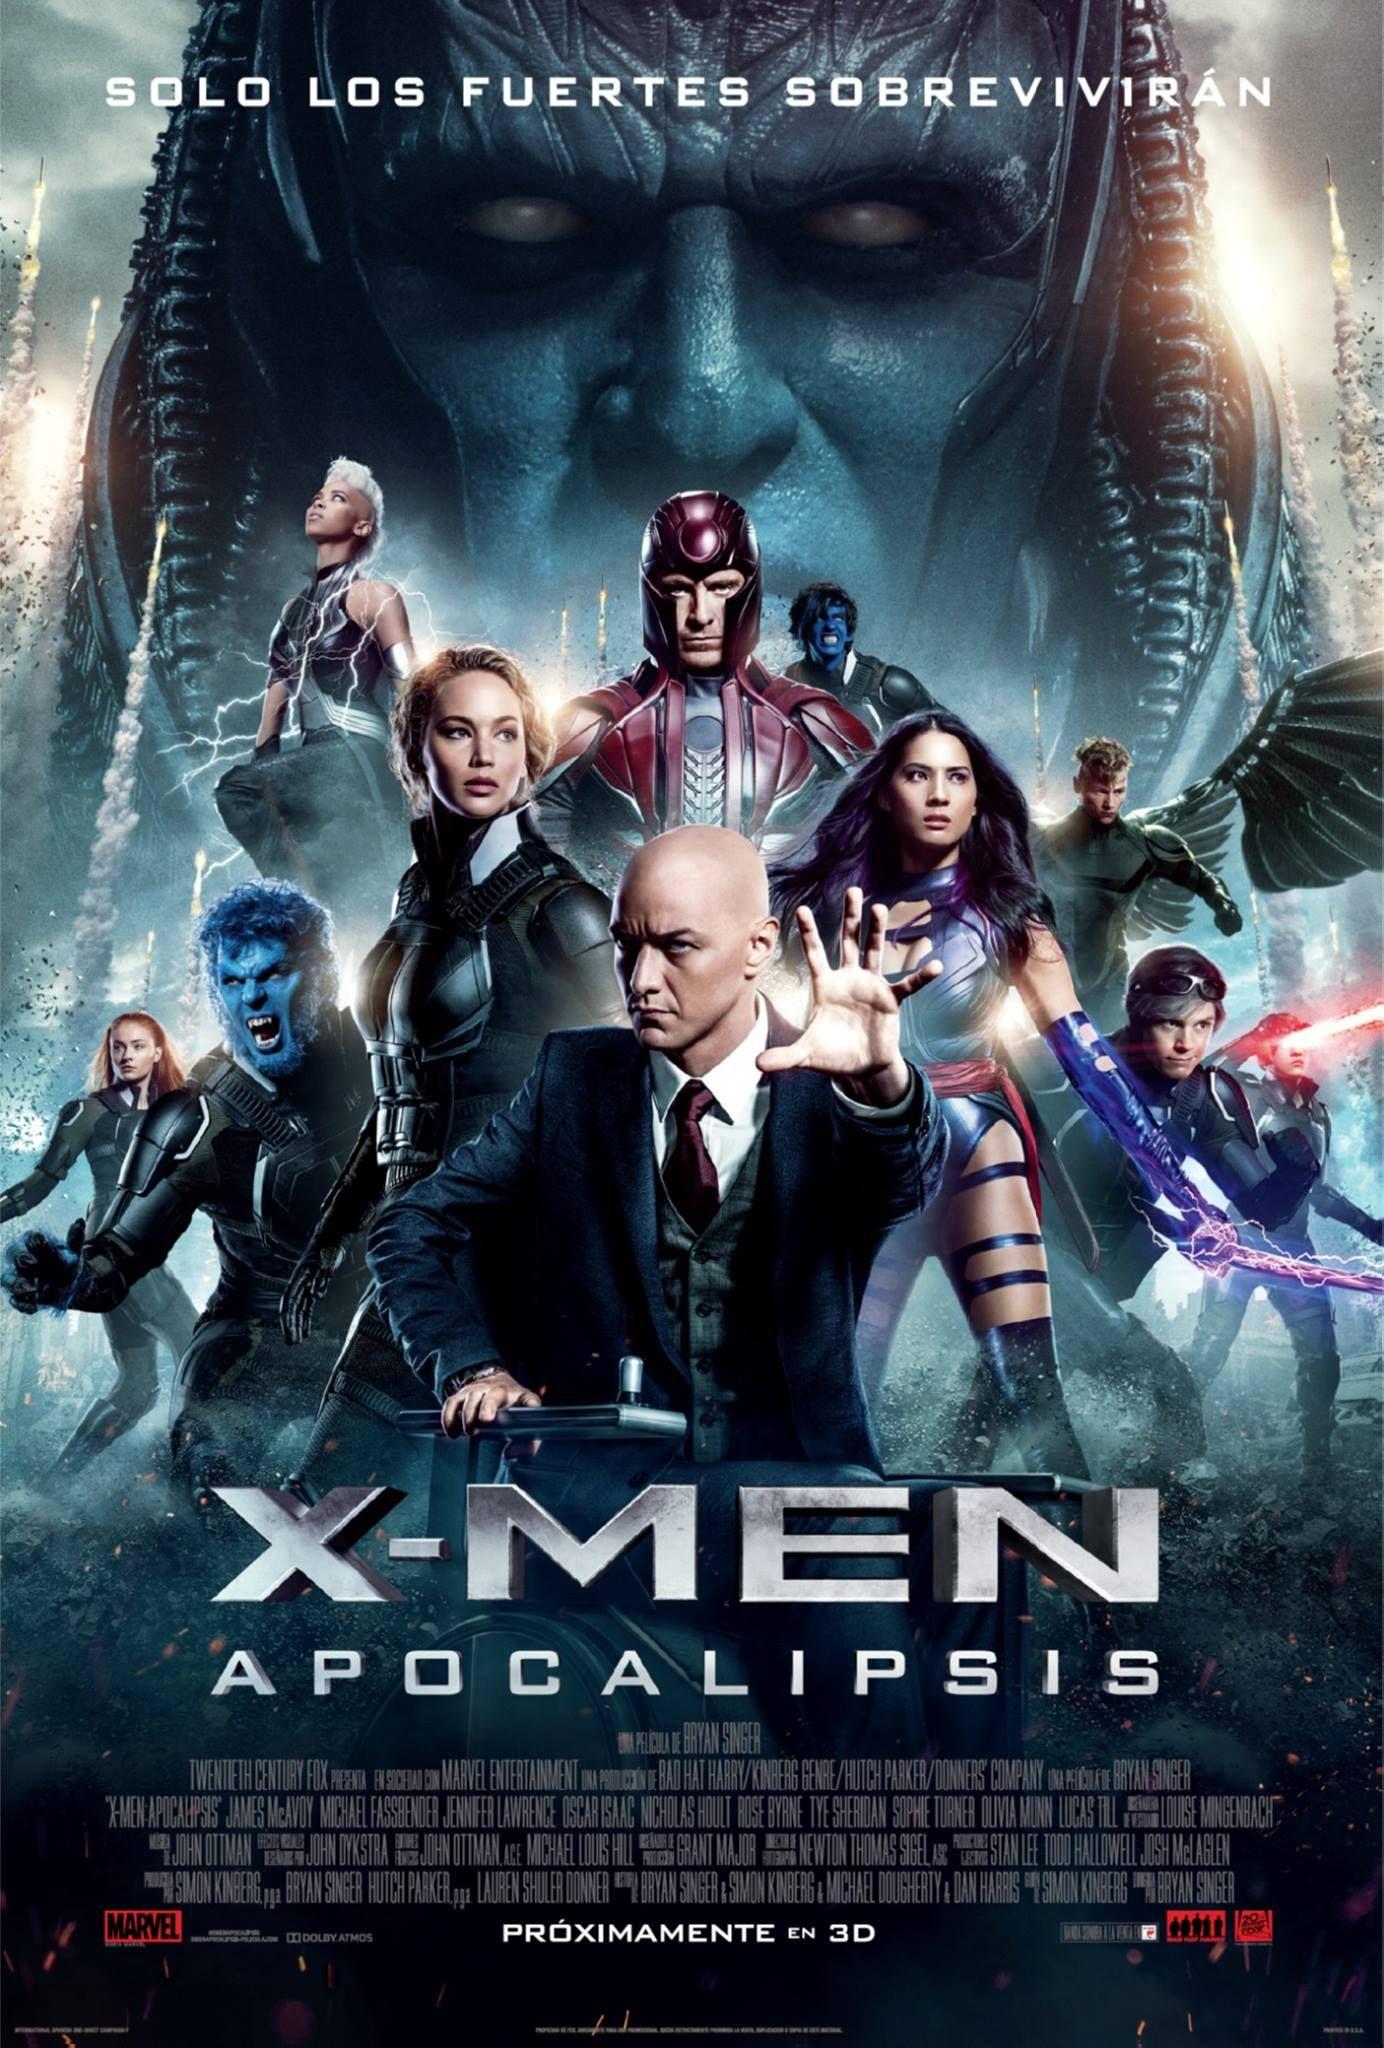 X Men Apocalipsis Apocalypse Movies X Men Apocalypse Free Movies Online